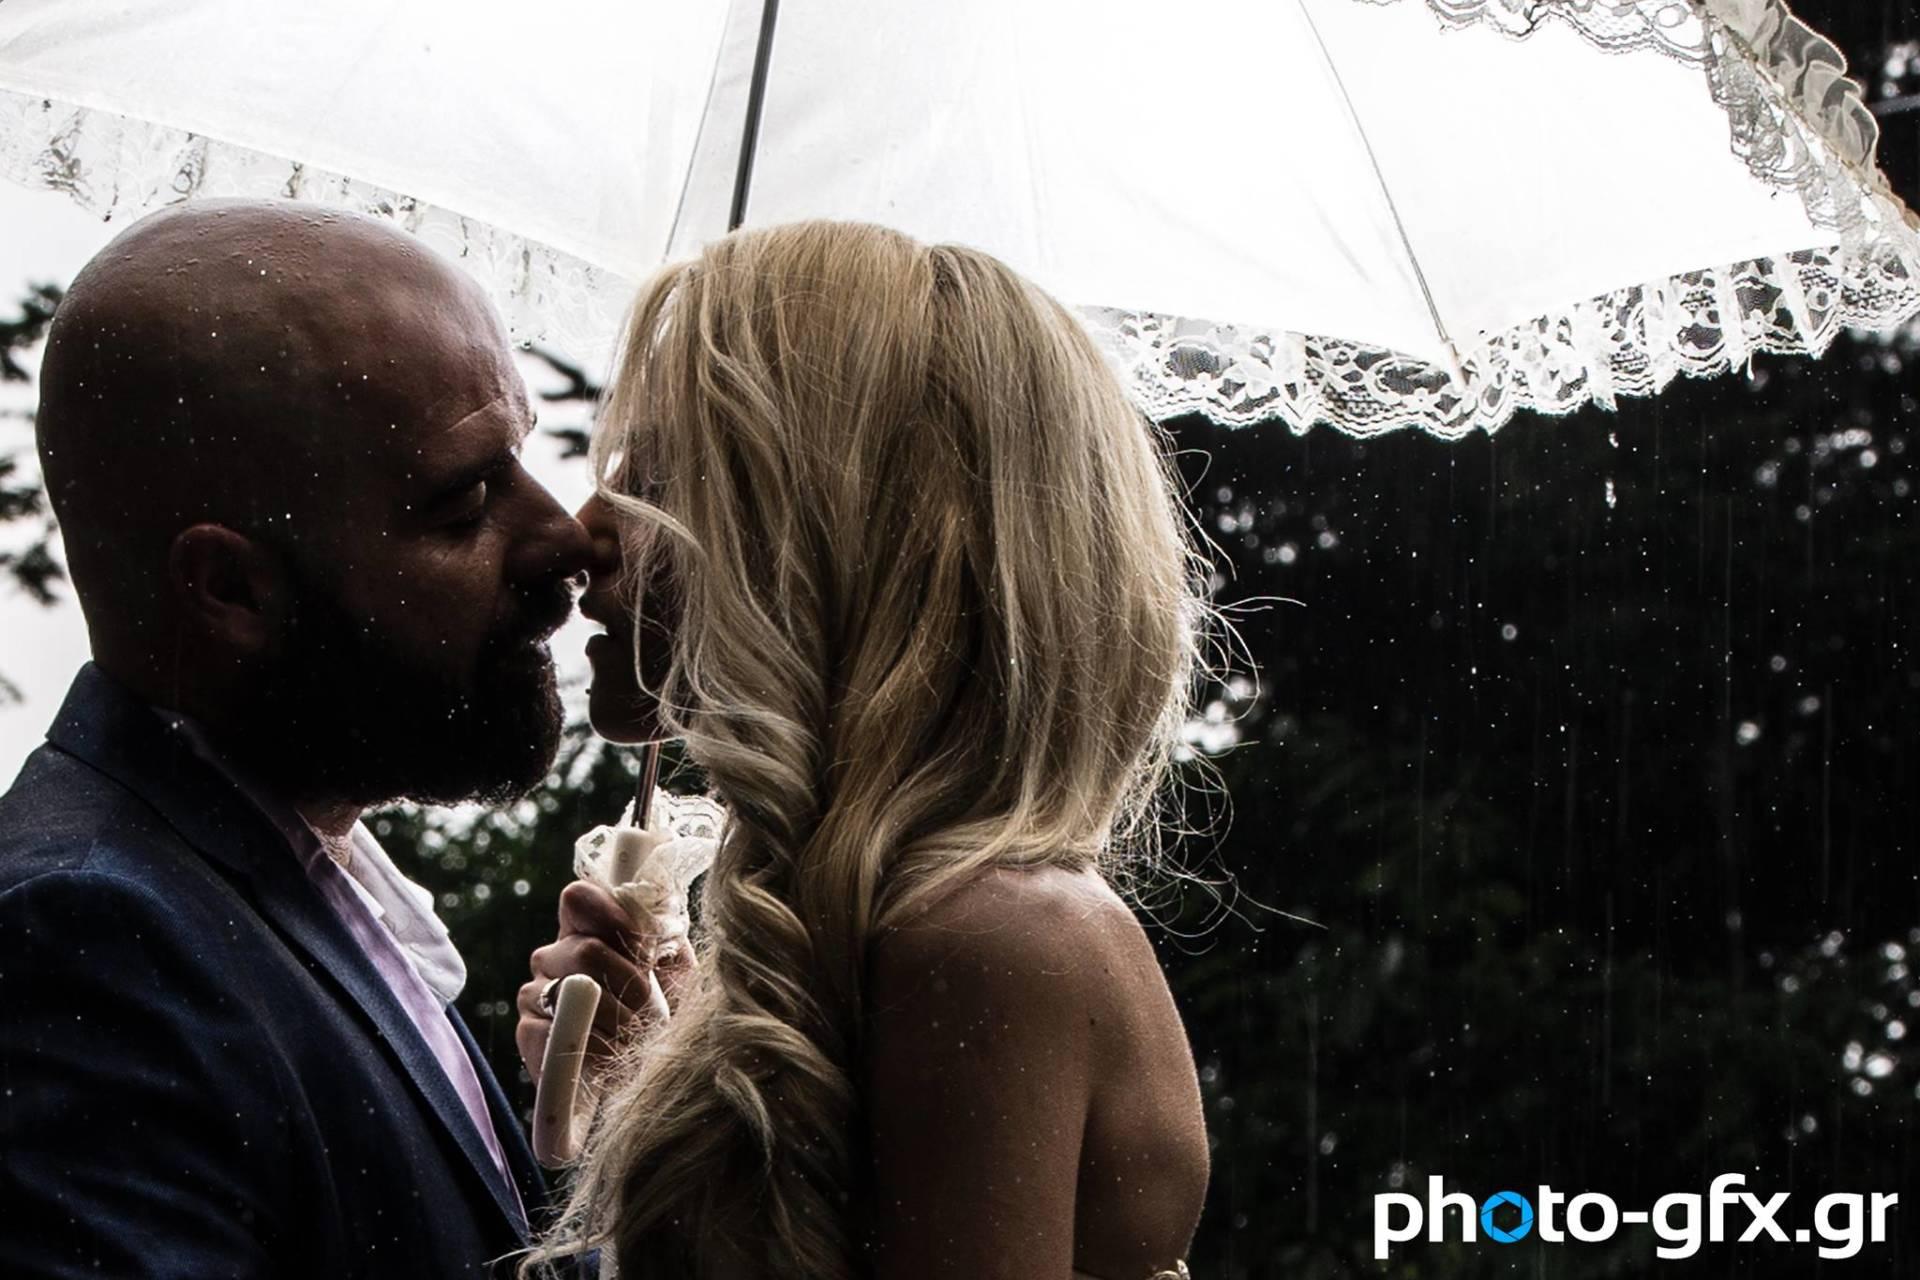 Δωρεάν Φωτογράφιση Γάμου από το photo-gfx.gr